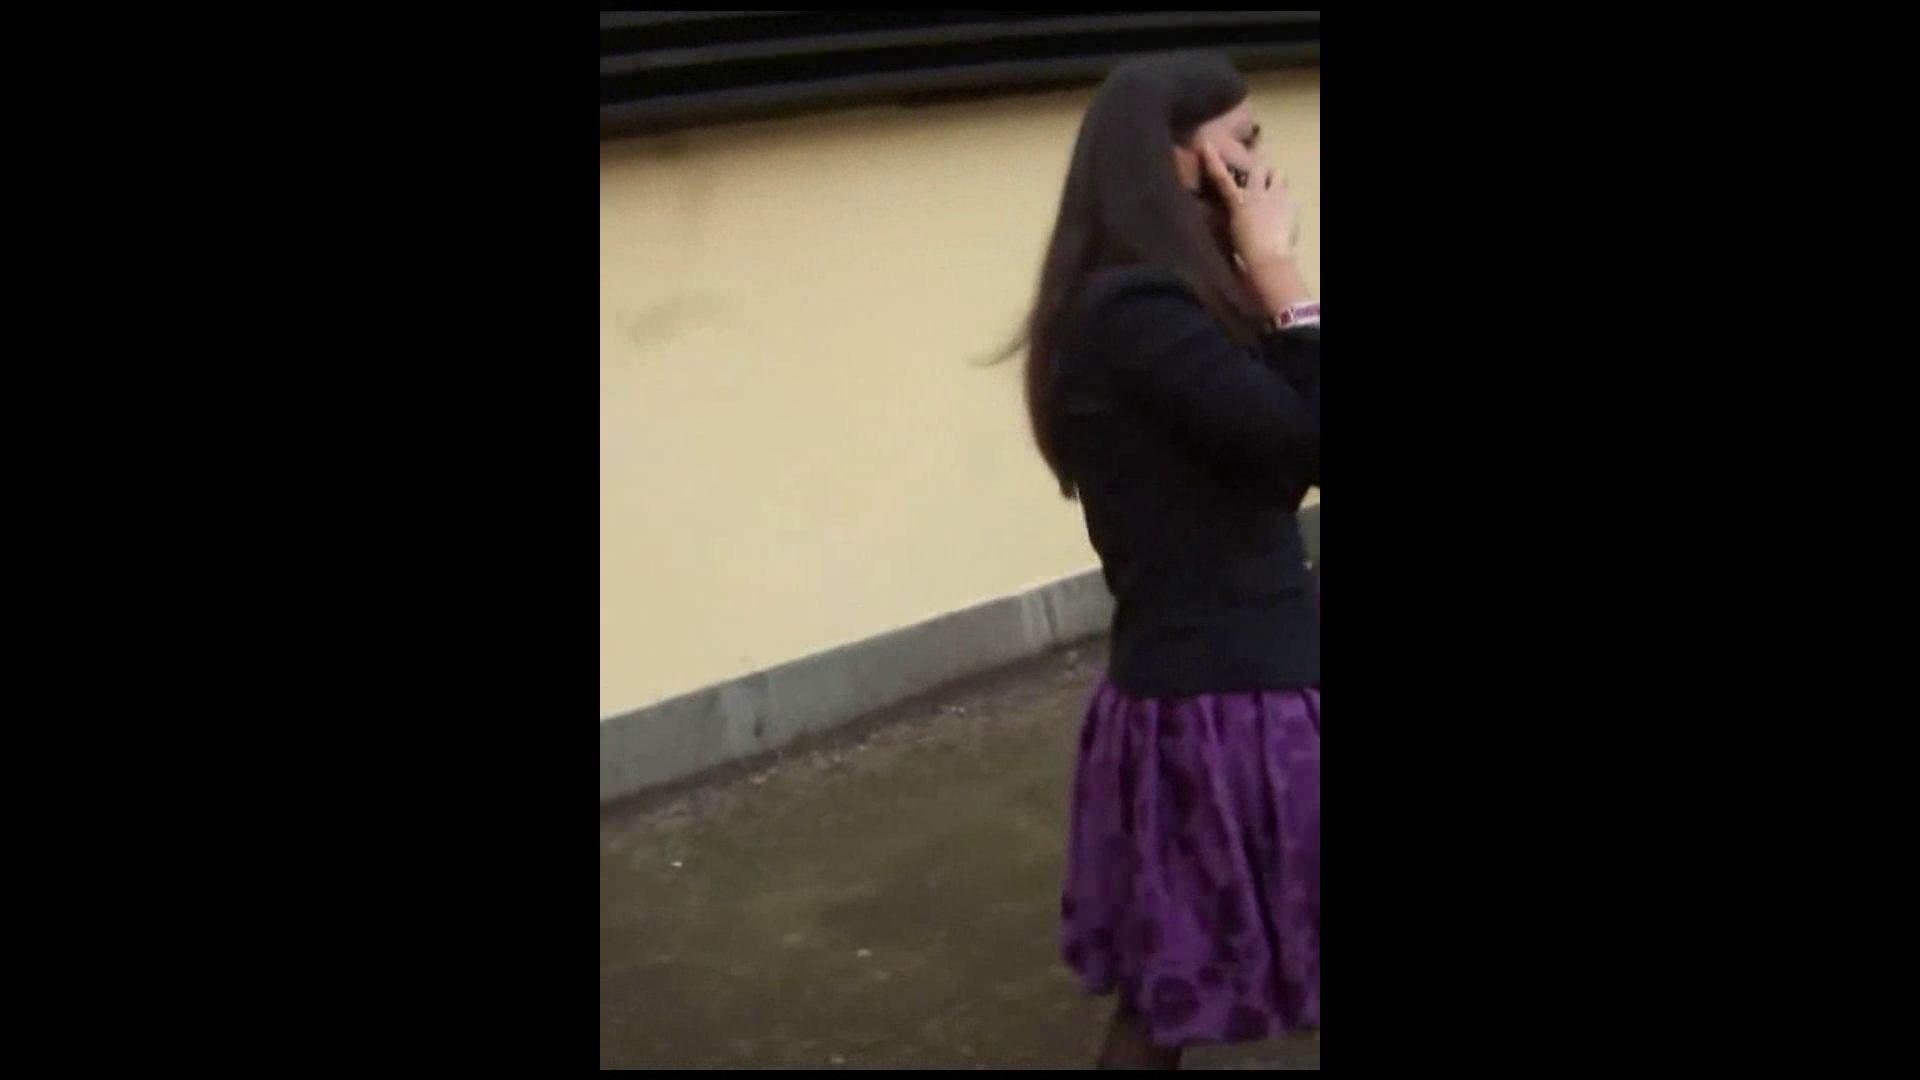 綺麗なモデルさんのスカート捲っちゃおう‼vol03 Hなモデル スケベ動画紹介 98pic 27